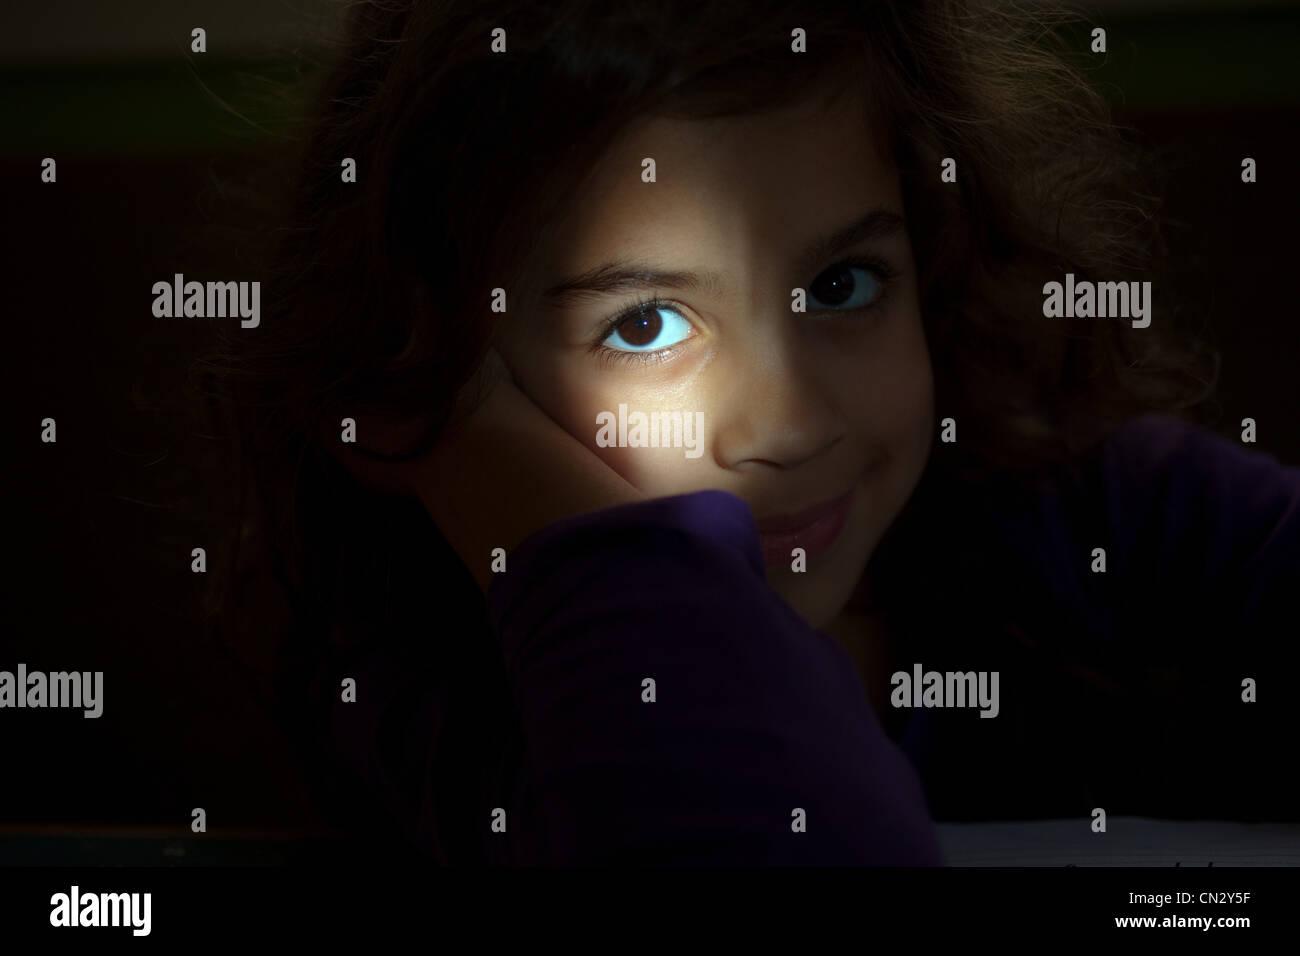 Chica mirando a la cámara desde la oscuridad, cerrar Imagen De Stock